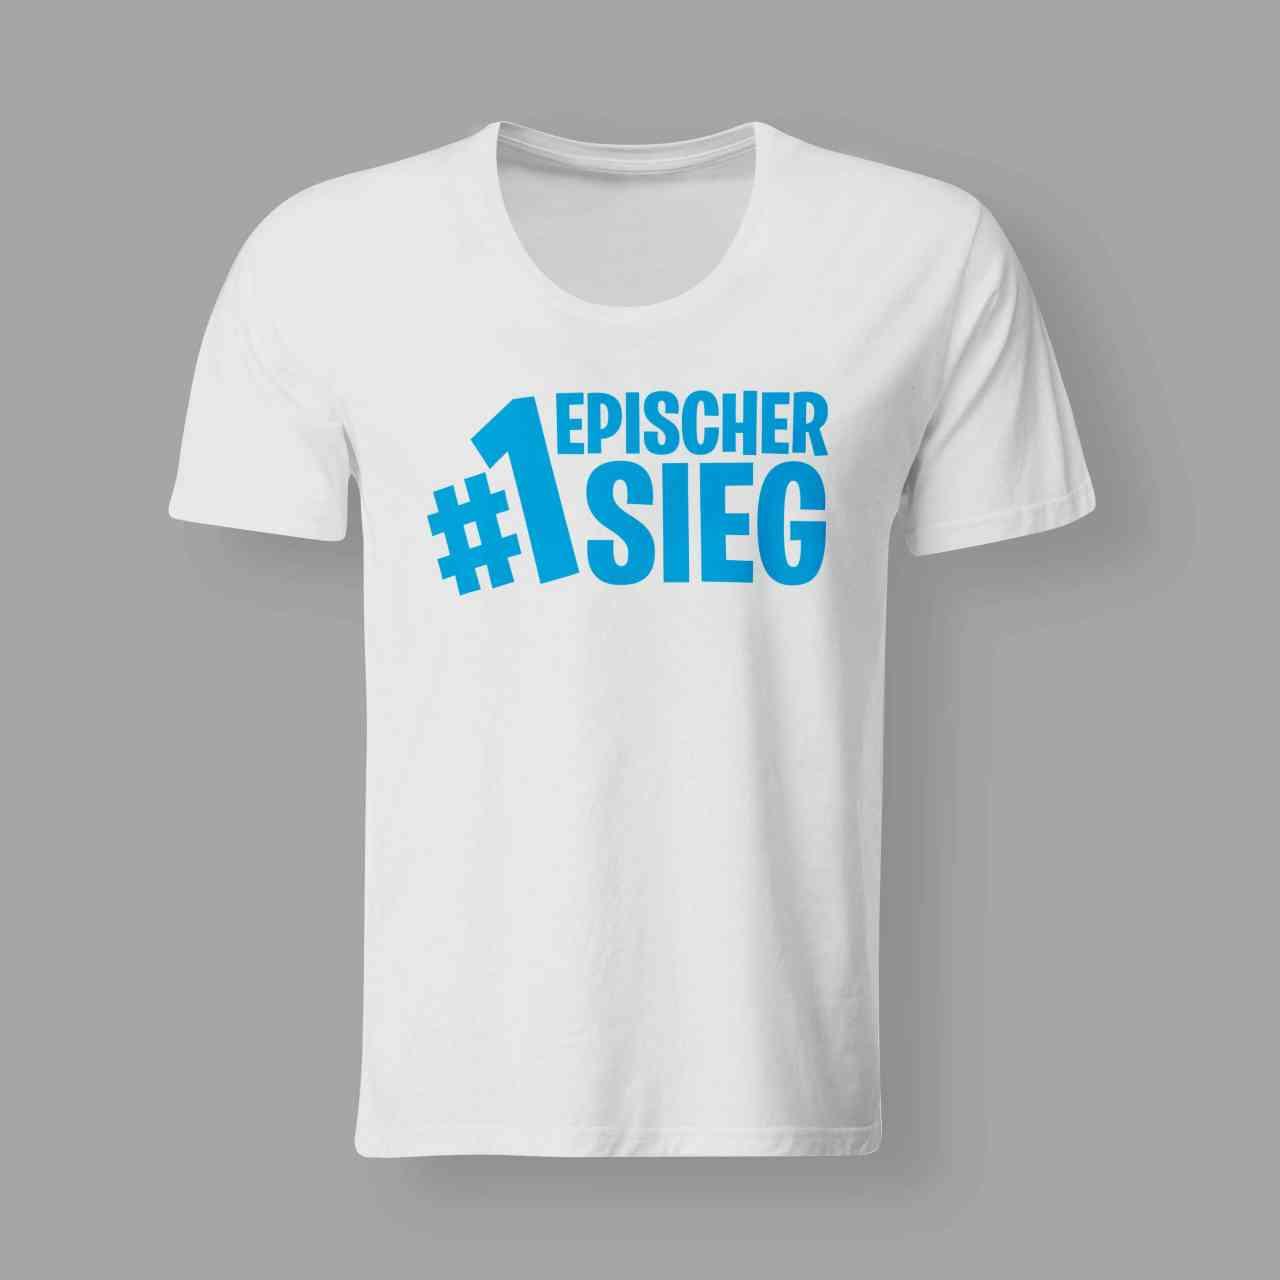 Epischer Sieg - T-Shirt - Zocken Team - Funshirt   Herren T-Shirt und Frauen T-Shirt   Fortnite